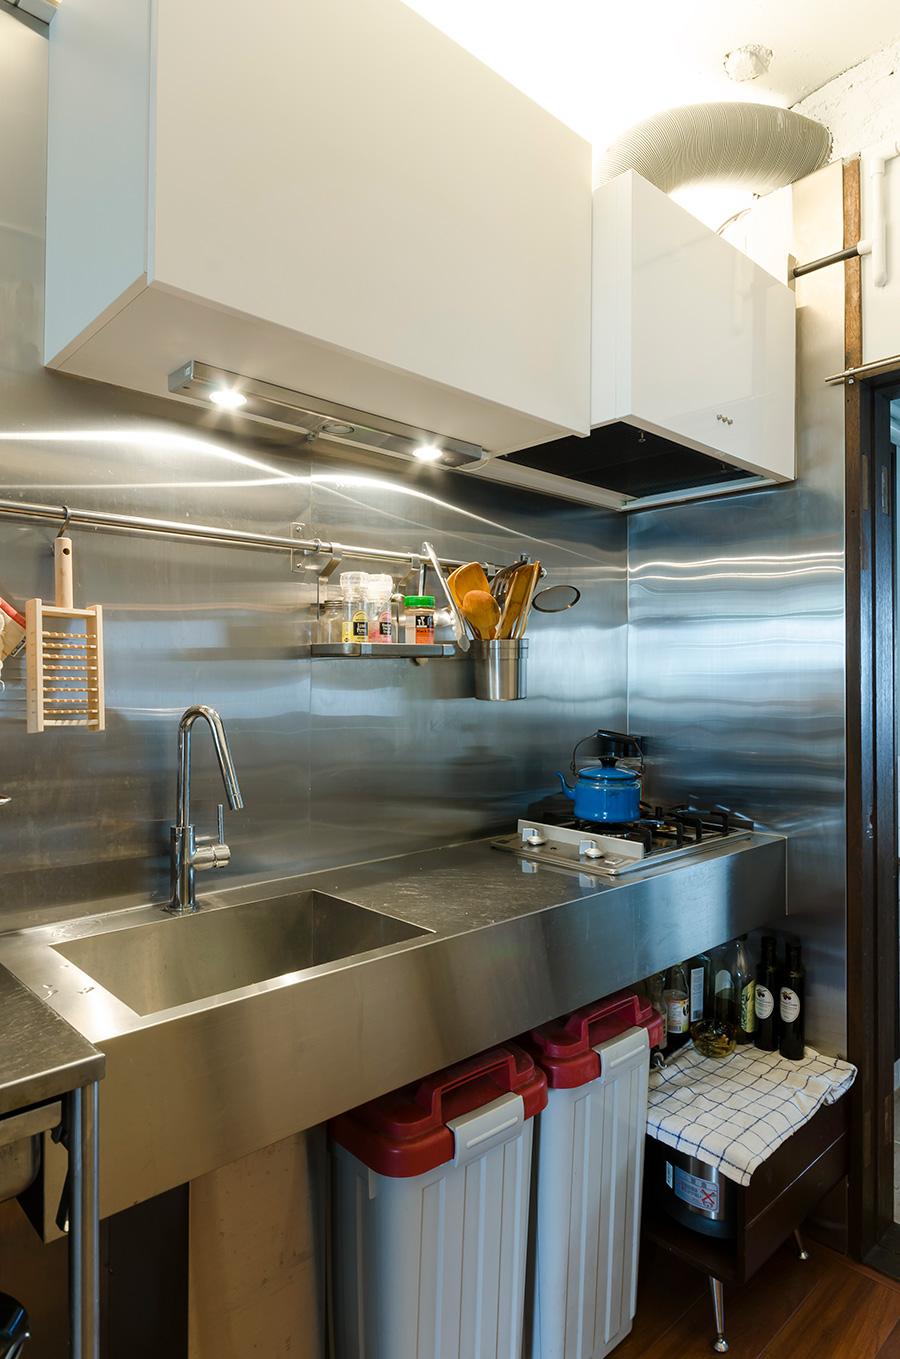 掃除がしやすいように、キッチンはステンレスでオーダー。シンプルに徹して使いやすく。